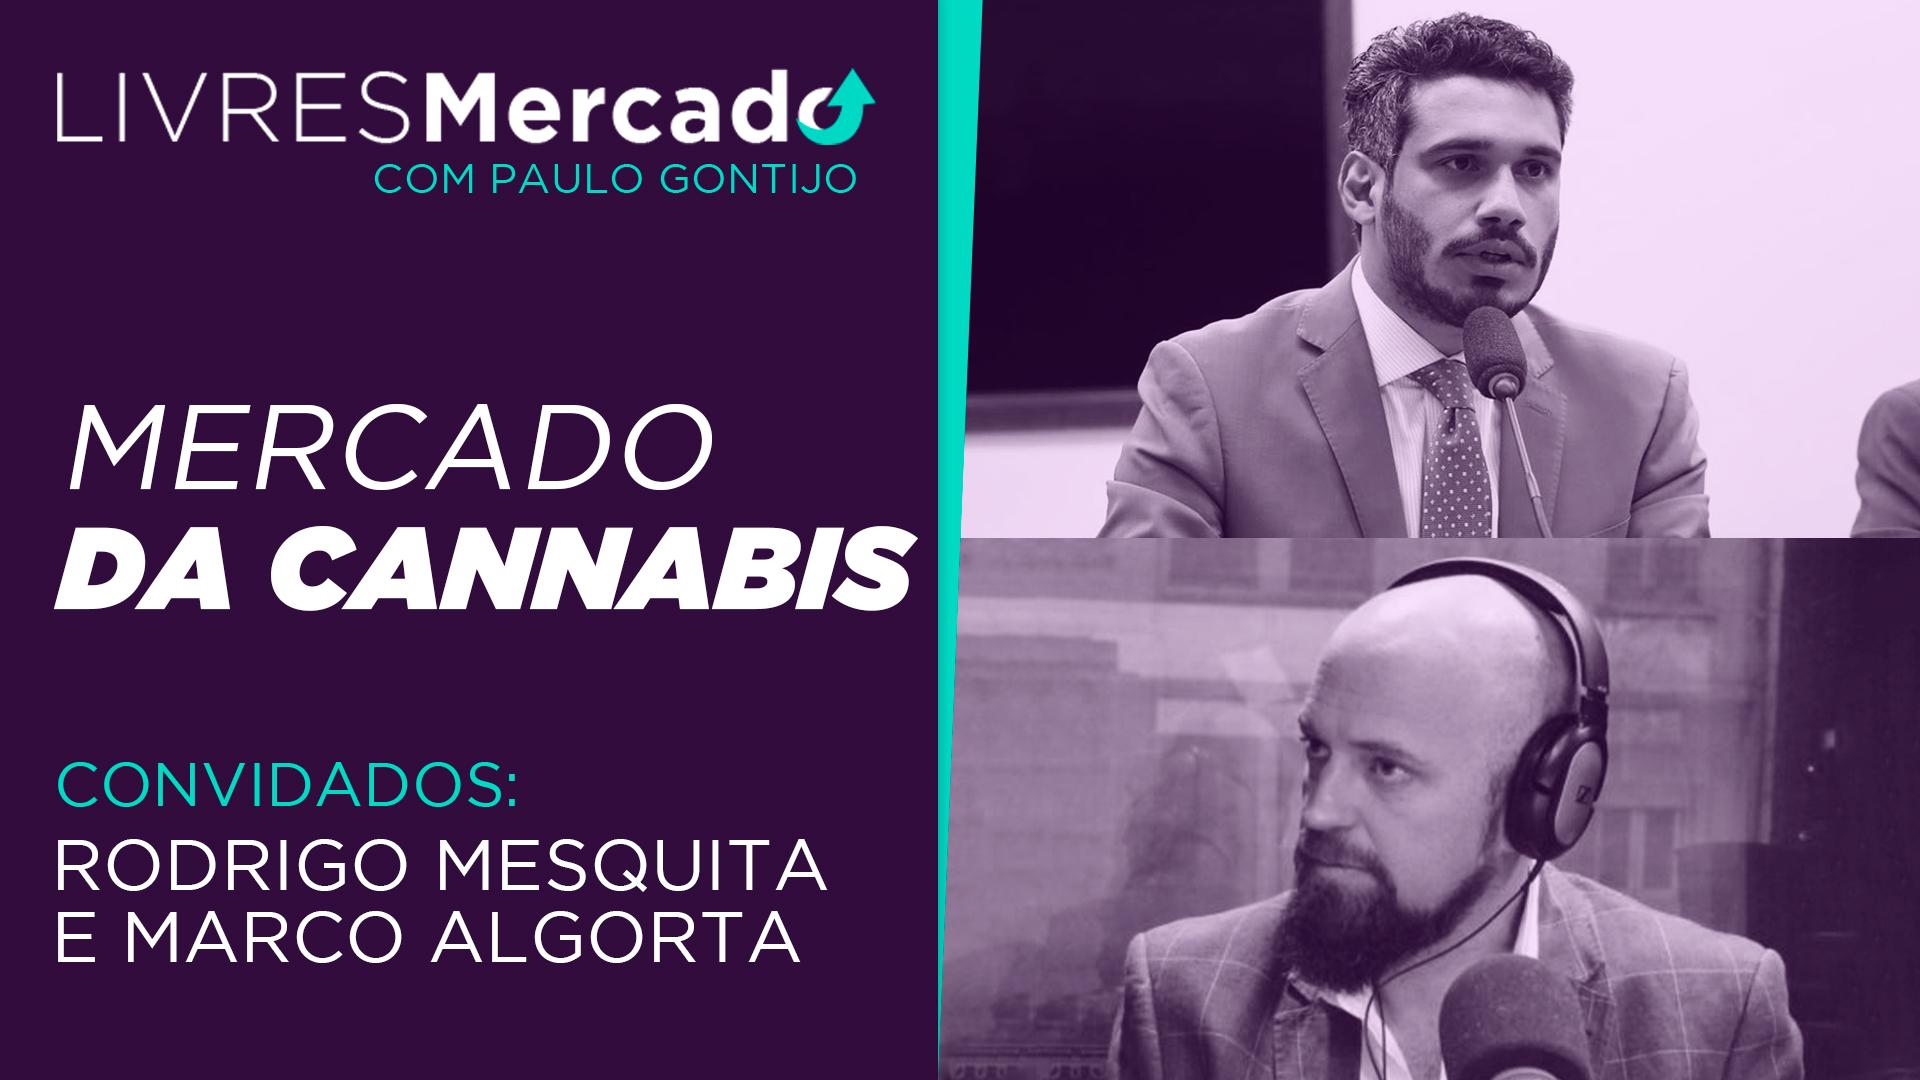 Livres Mercado | Mercado legal da Cannabis